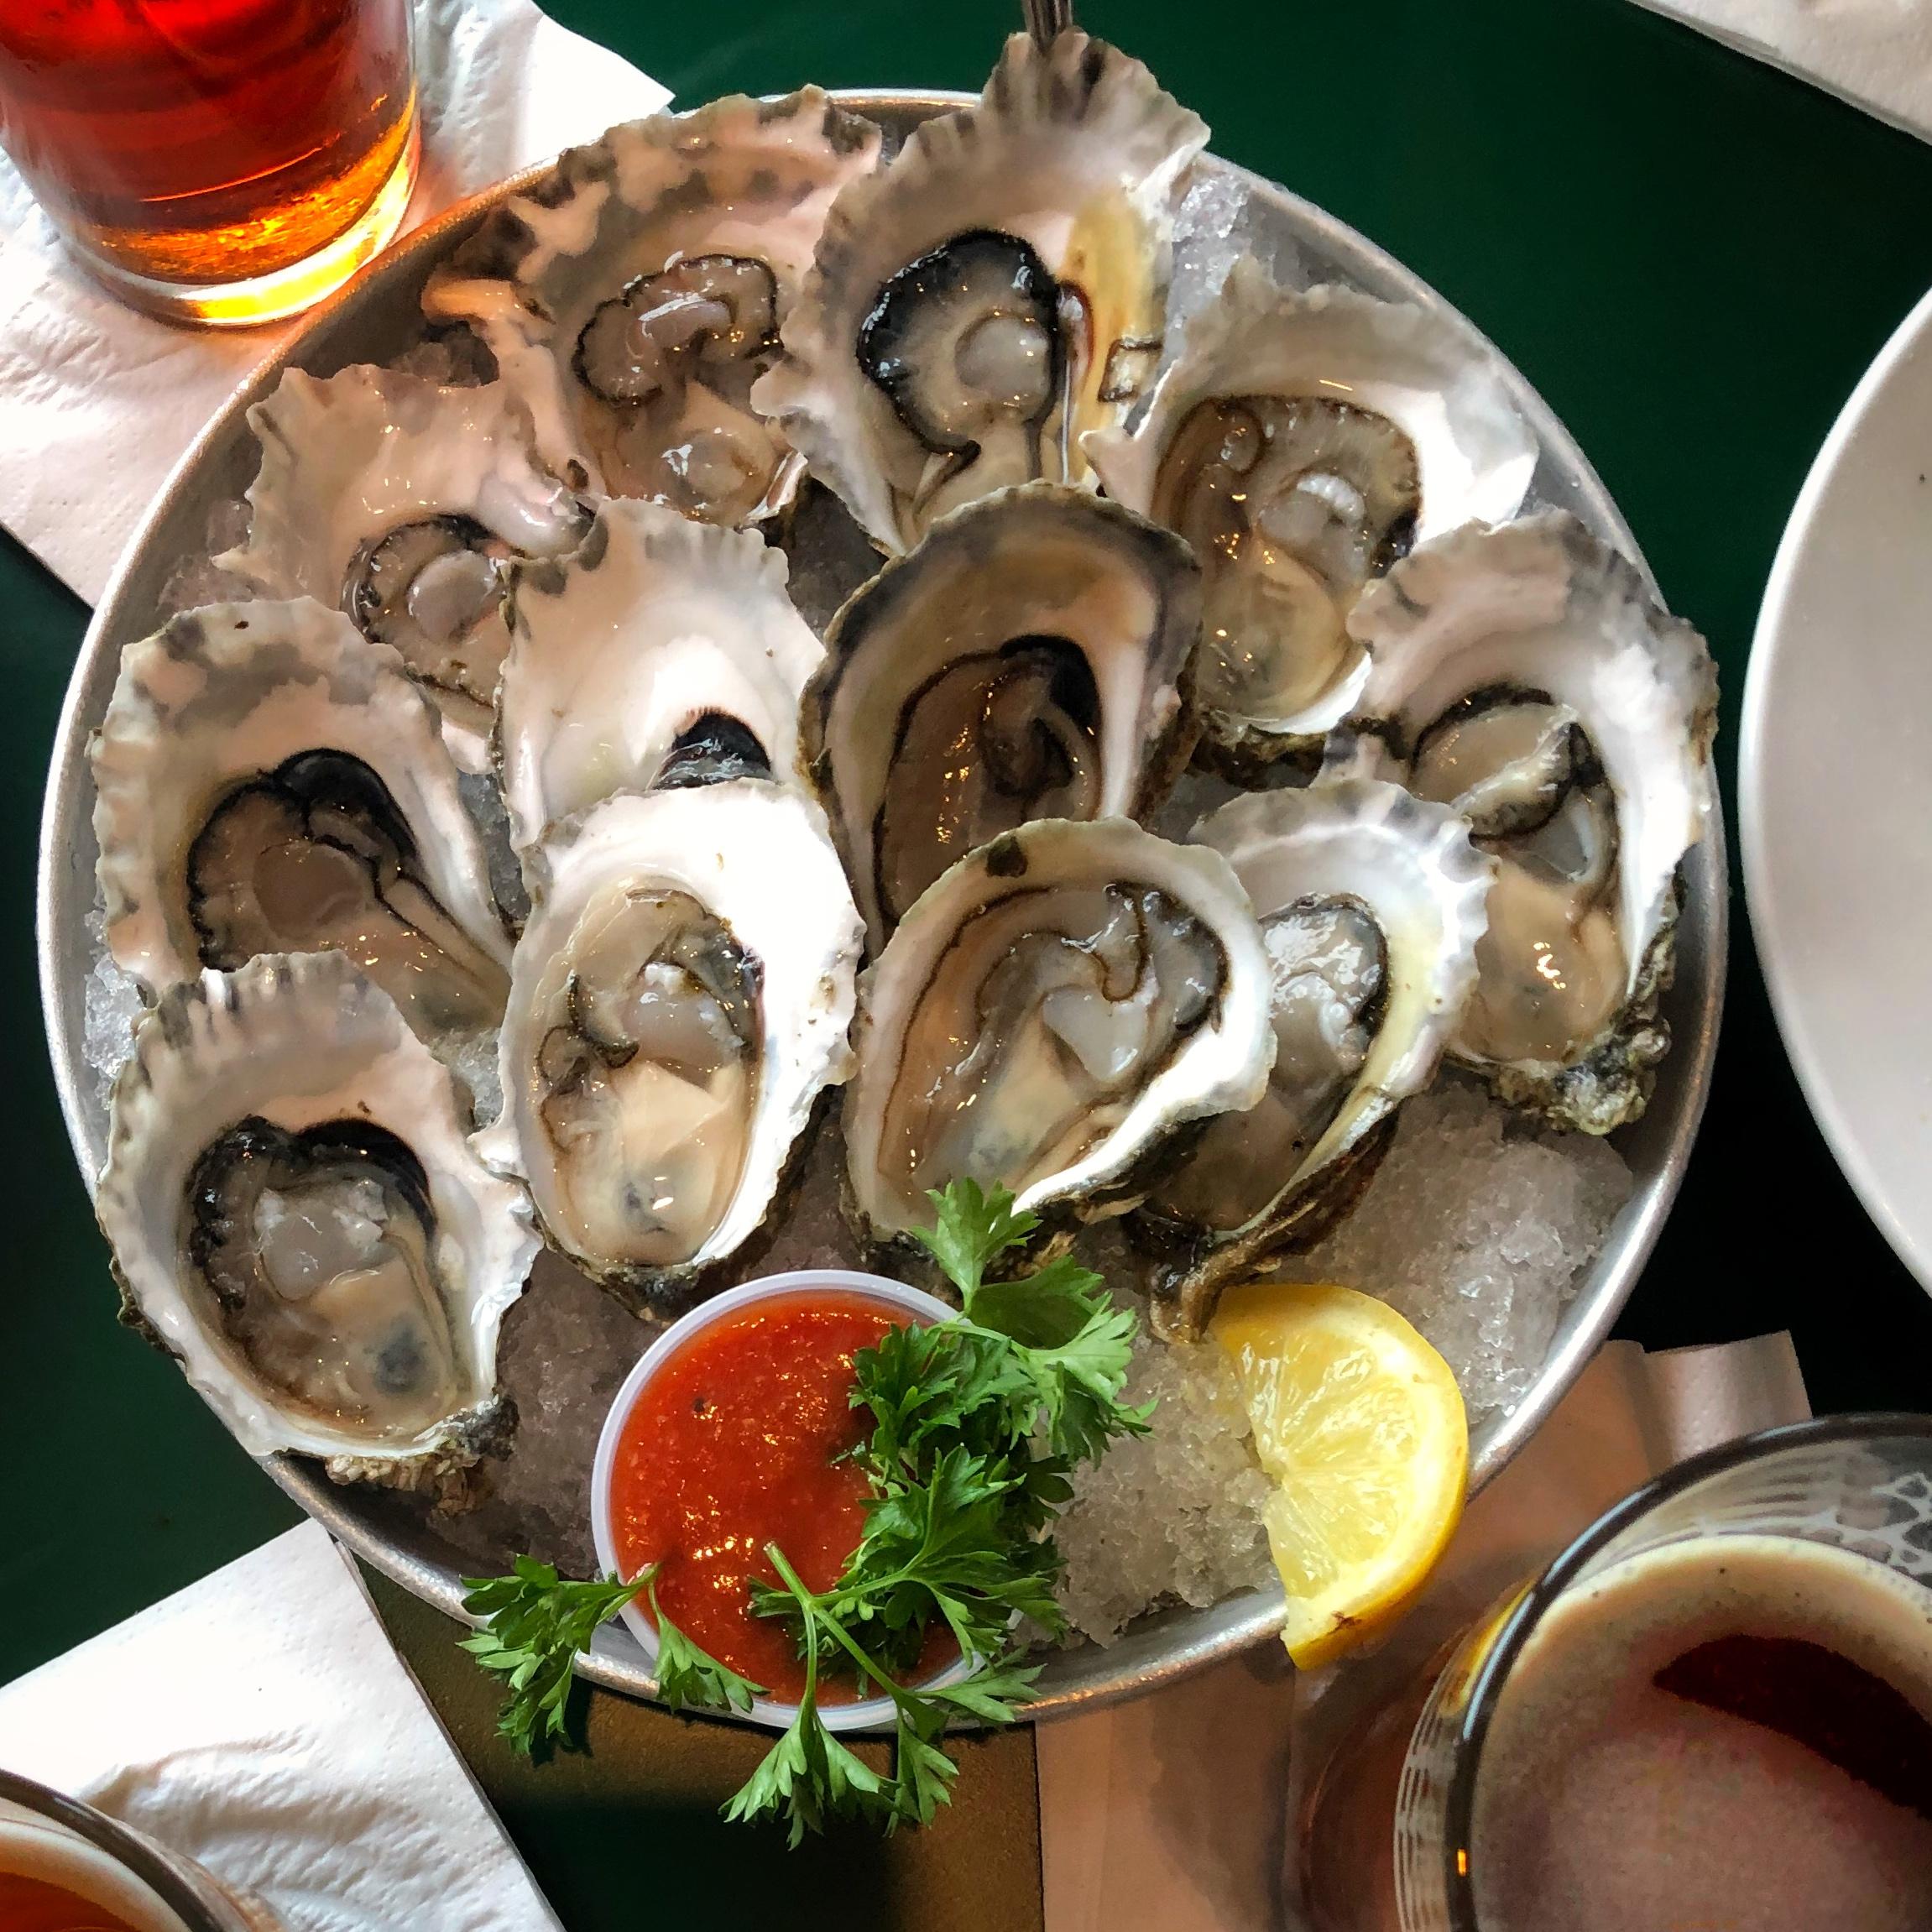 mandy-naglich-oysters.jpg